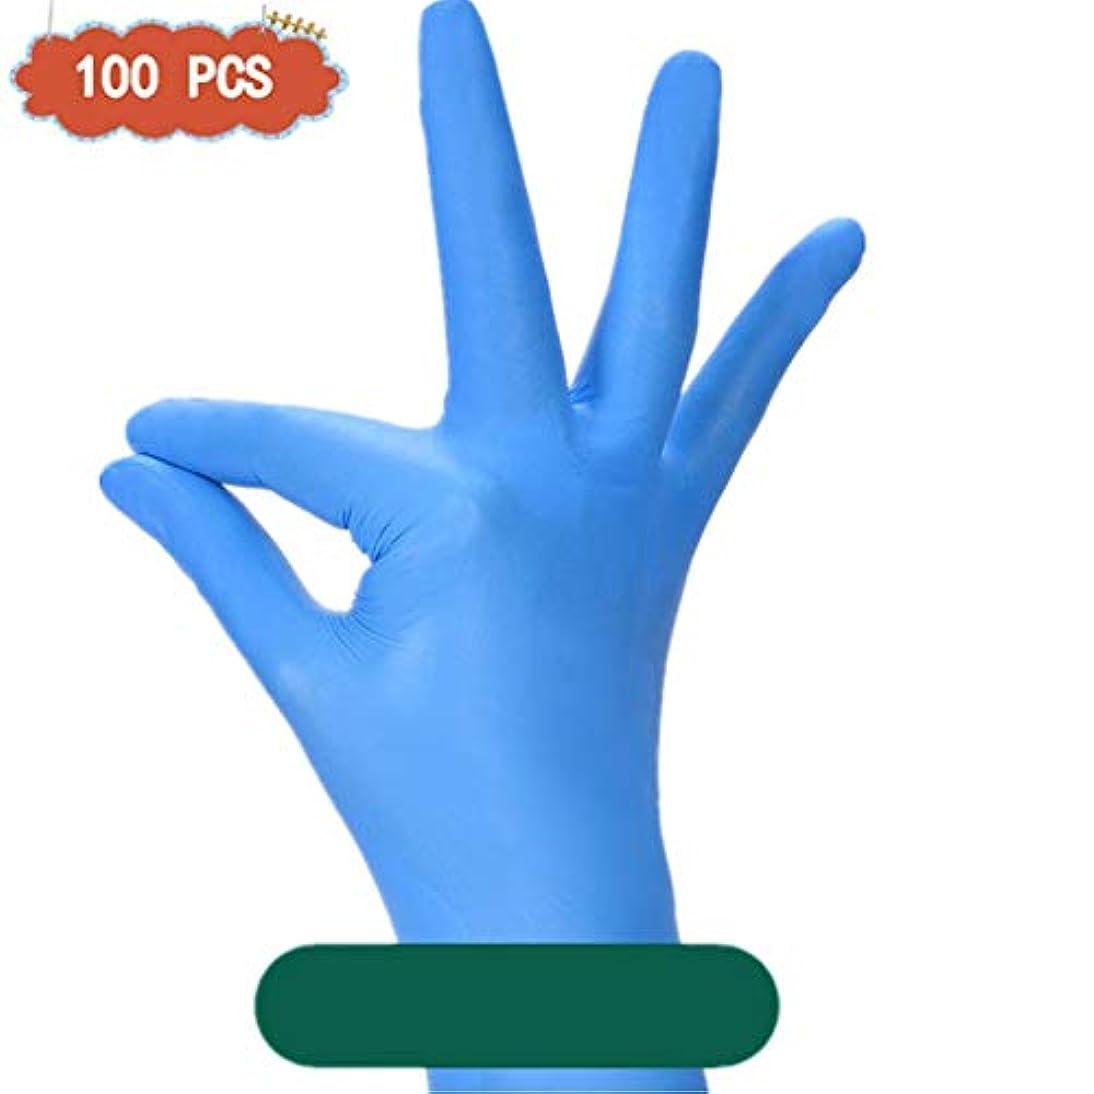 私の人里離れたバイパスニトリル手袋、12インチの食器洗い用滑り止め防水ゴムと長い厚い使い捨て手袋ペットケアネイルアート検査保護実験、美容院ラテックスフリー、100個 (Size : L)